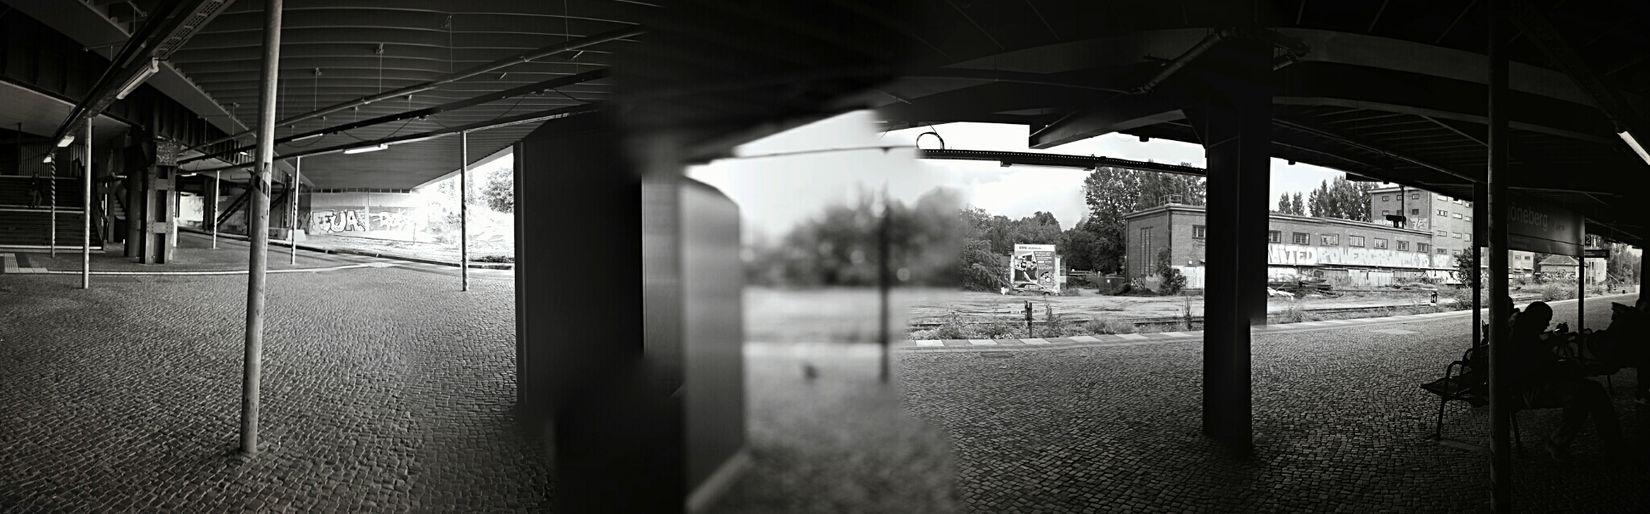 Change Your Perspective Auf Die Sbahn Warten Monochrome GetYourGuide Cityscapes